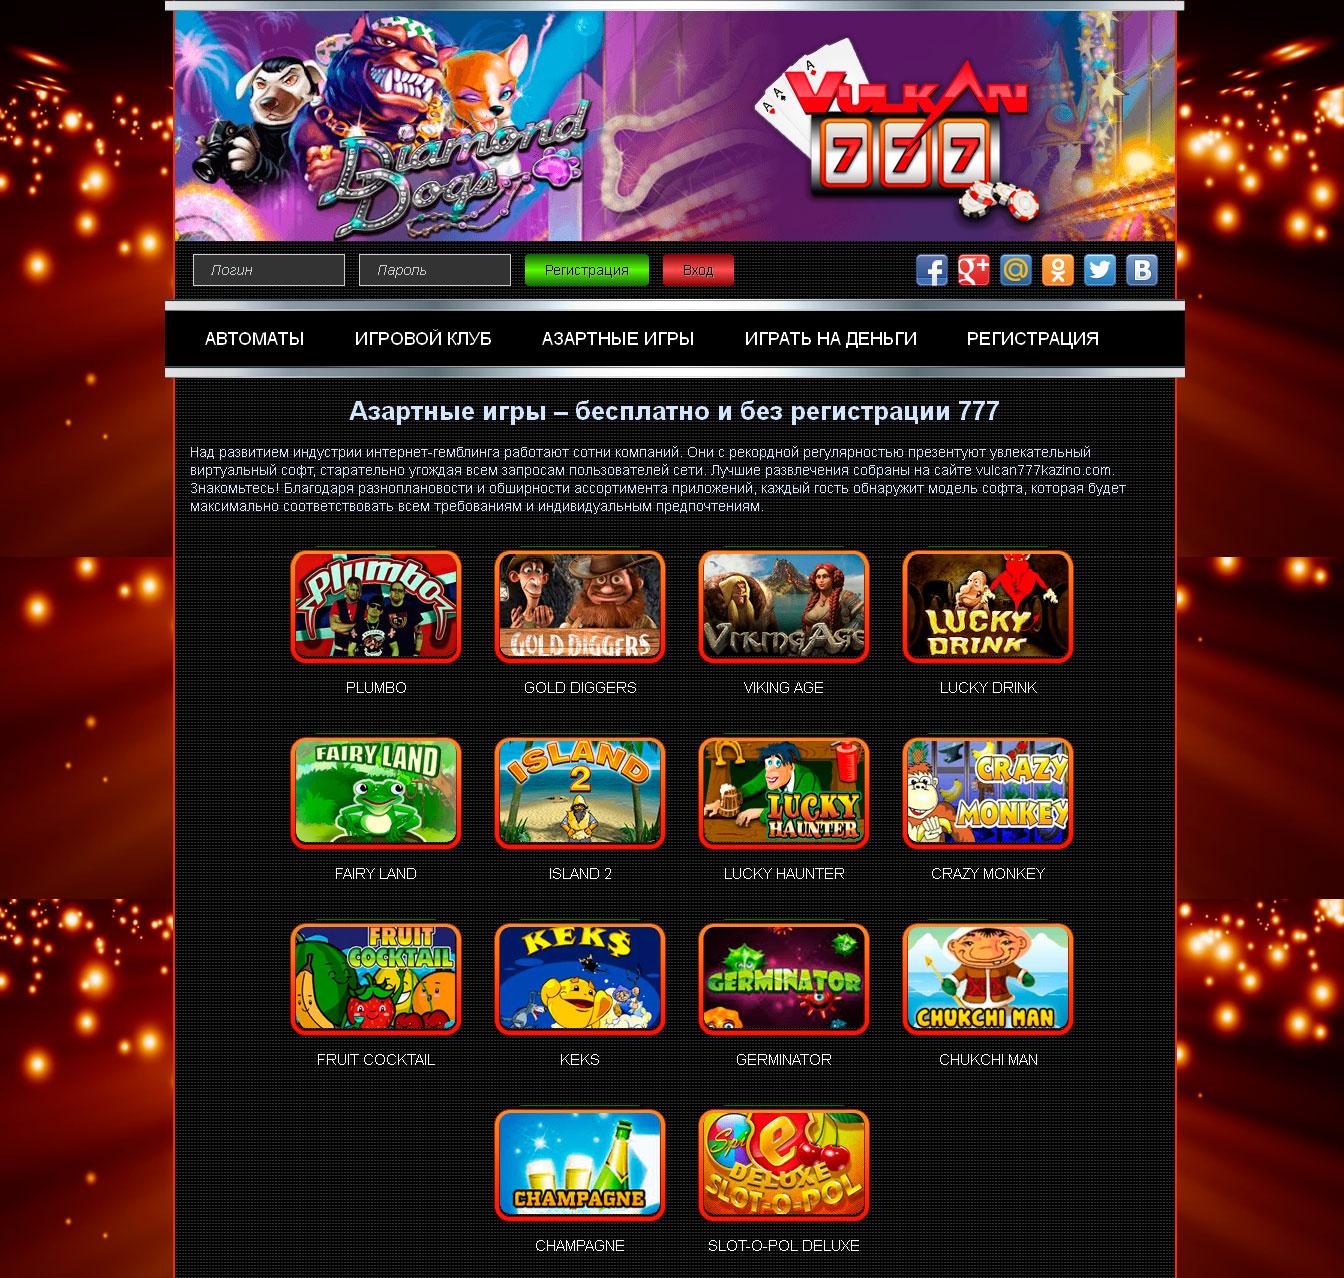 Азартные игры – бесплатно и без регистрации 777